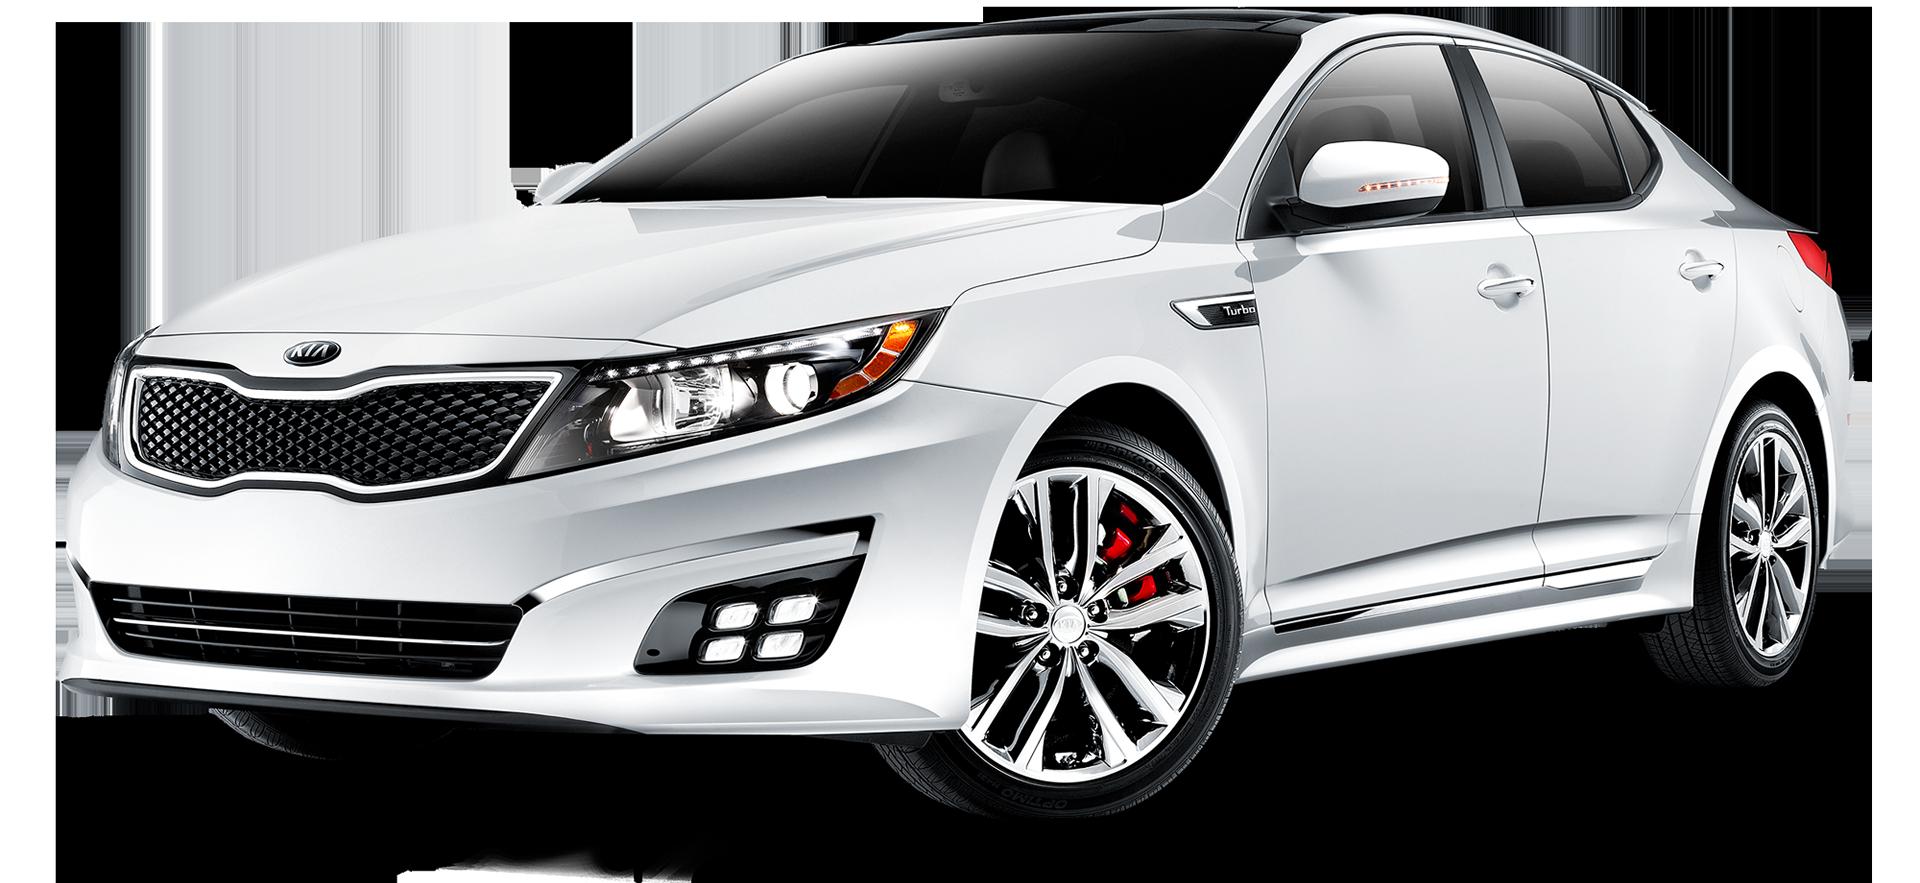 Kia Motors Used car Car dealership.